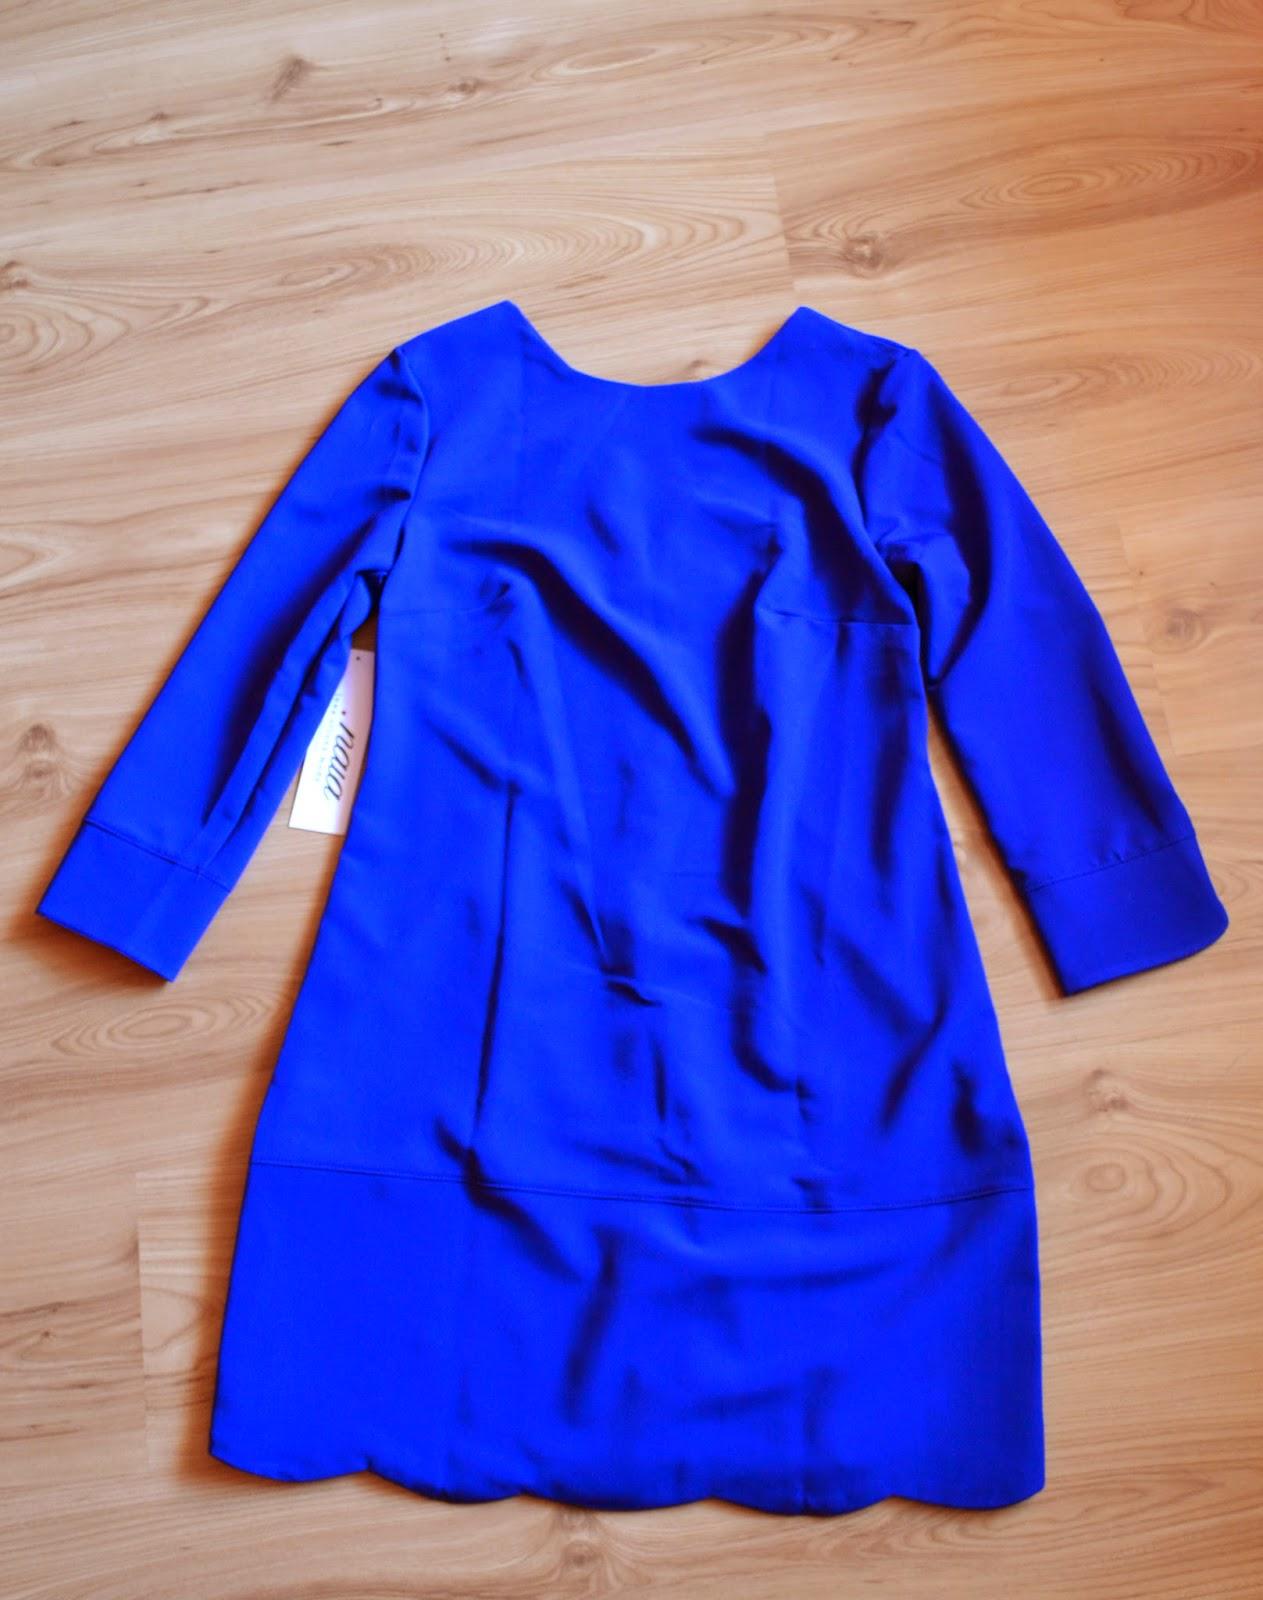 szafirowa sukienka, niebieska sukienka na jesień